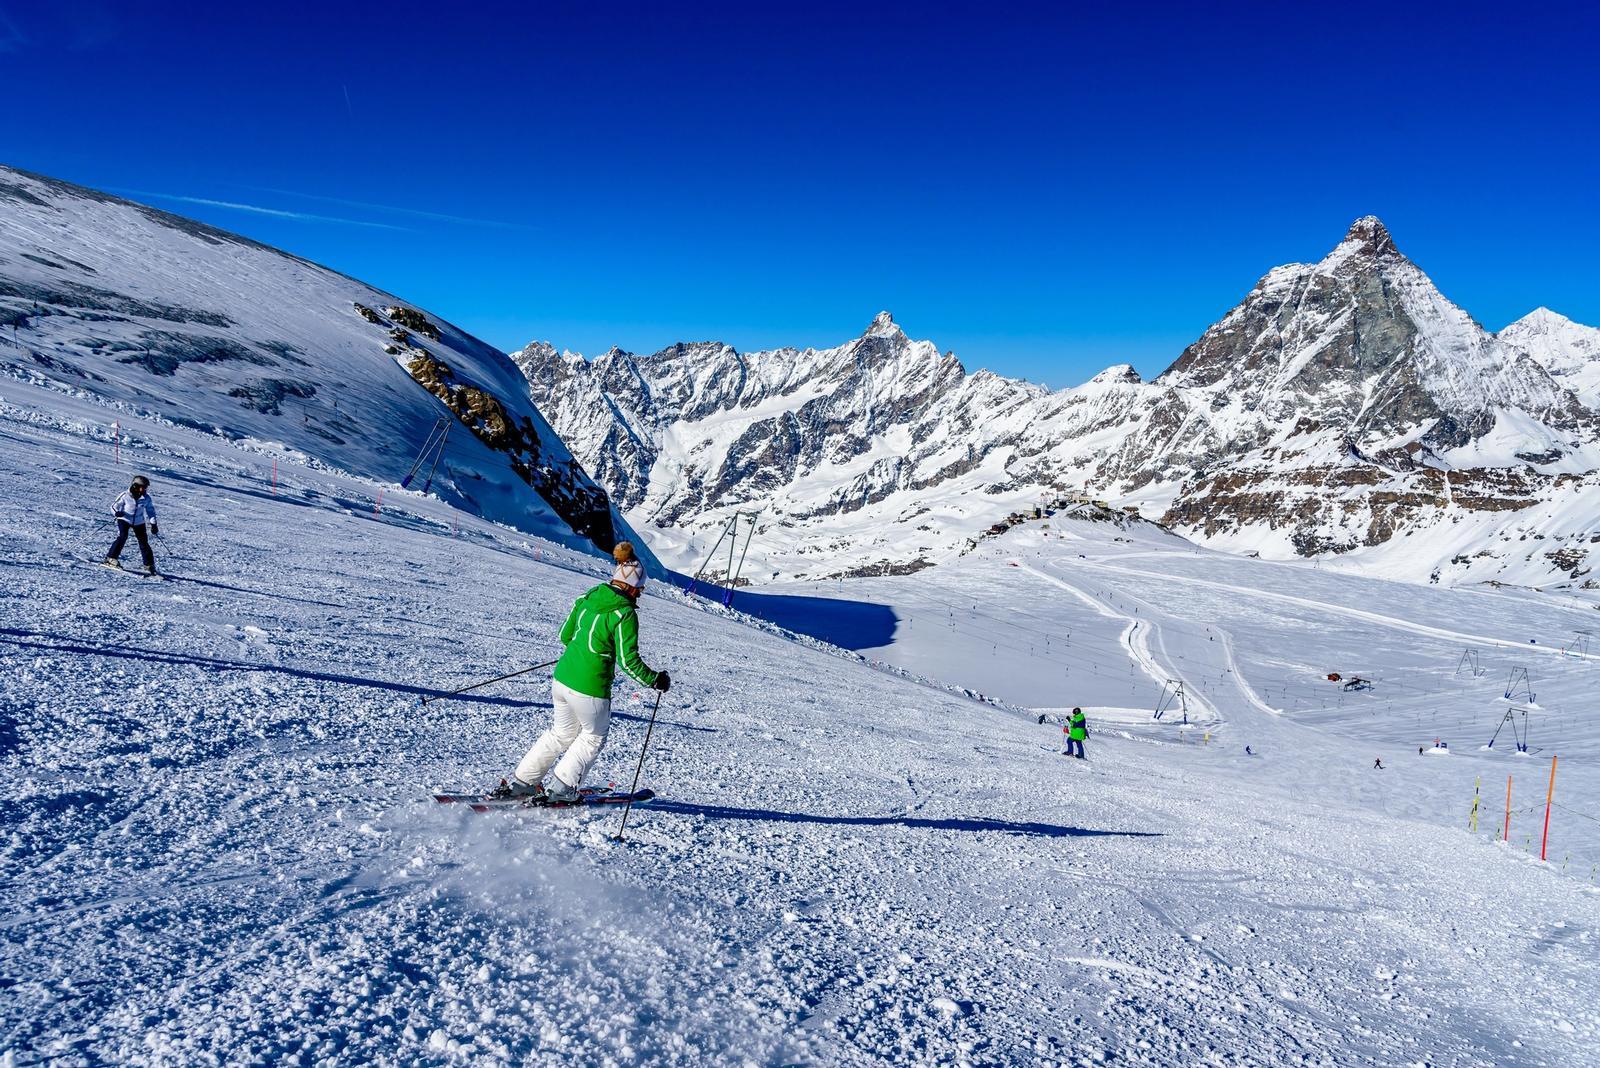 persone che sciano su una pista innevata